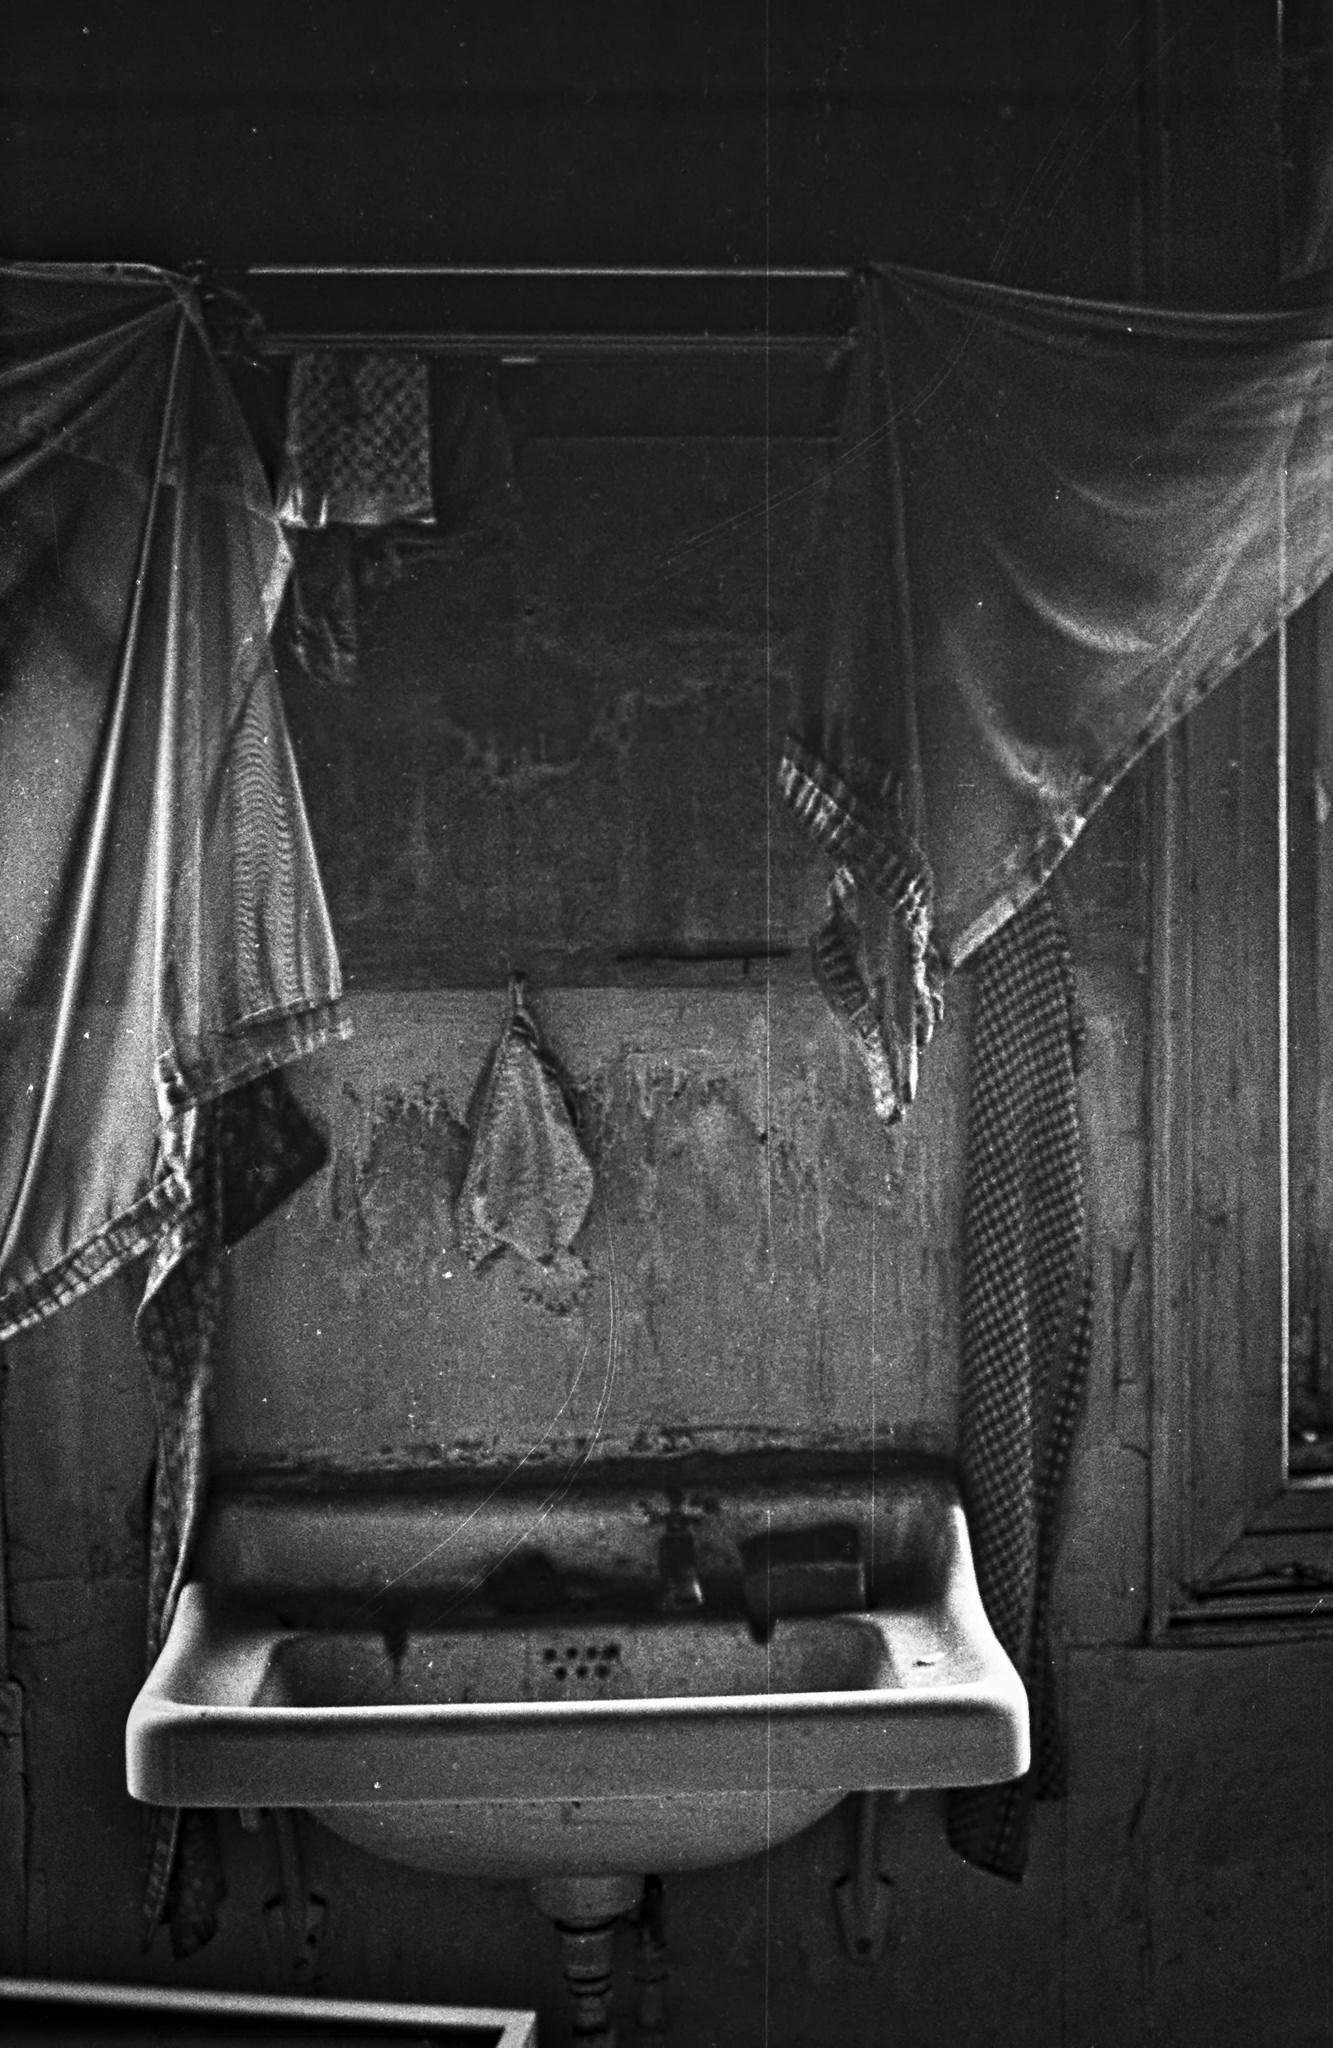 https://flic.kr/p/NaeQ2W | Waschbecken | Verlorener Ort zu analogen Zeiten